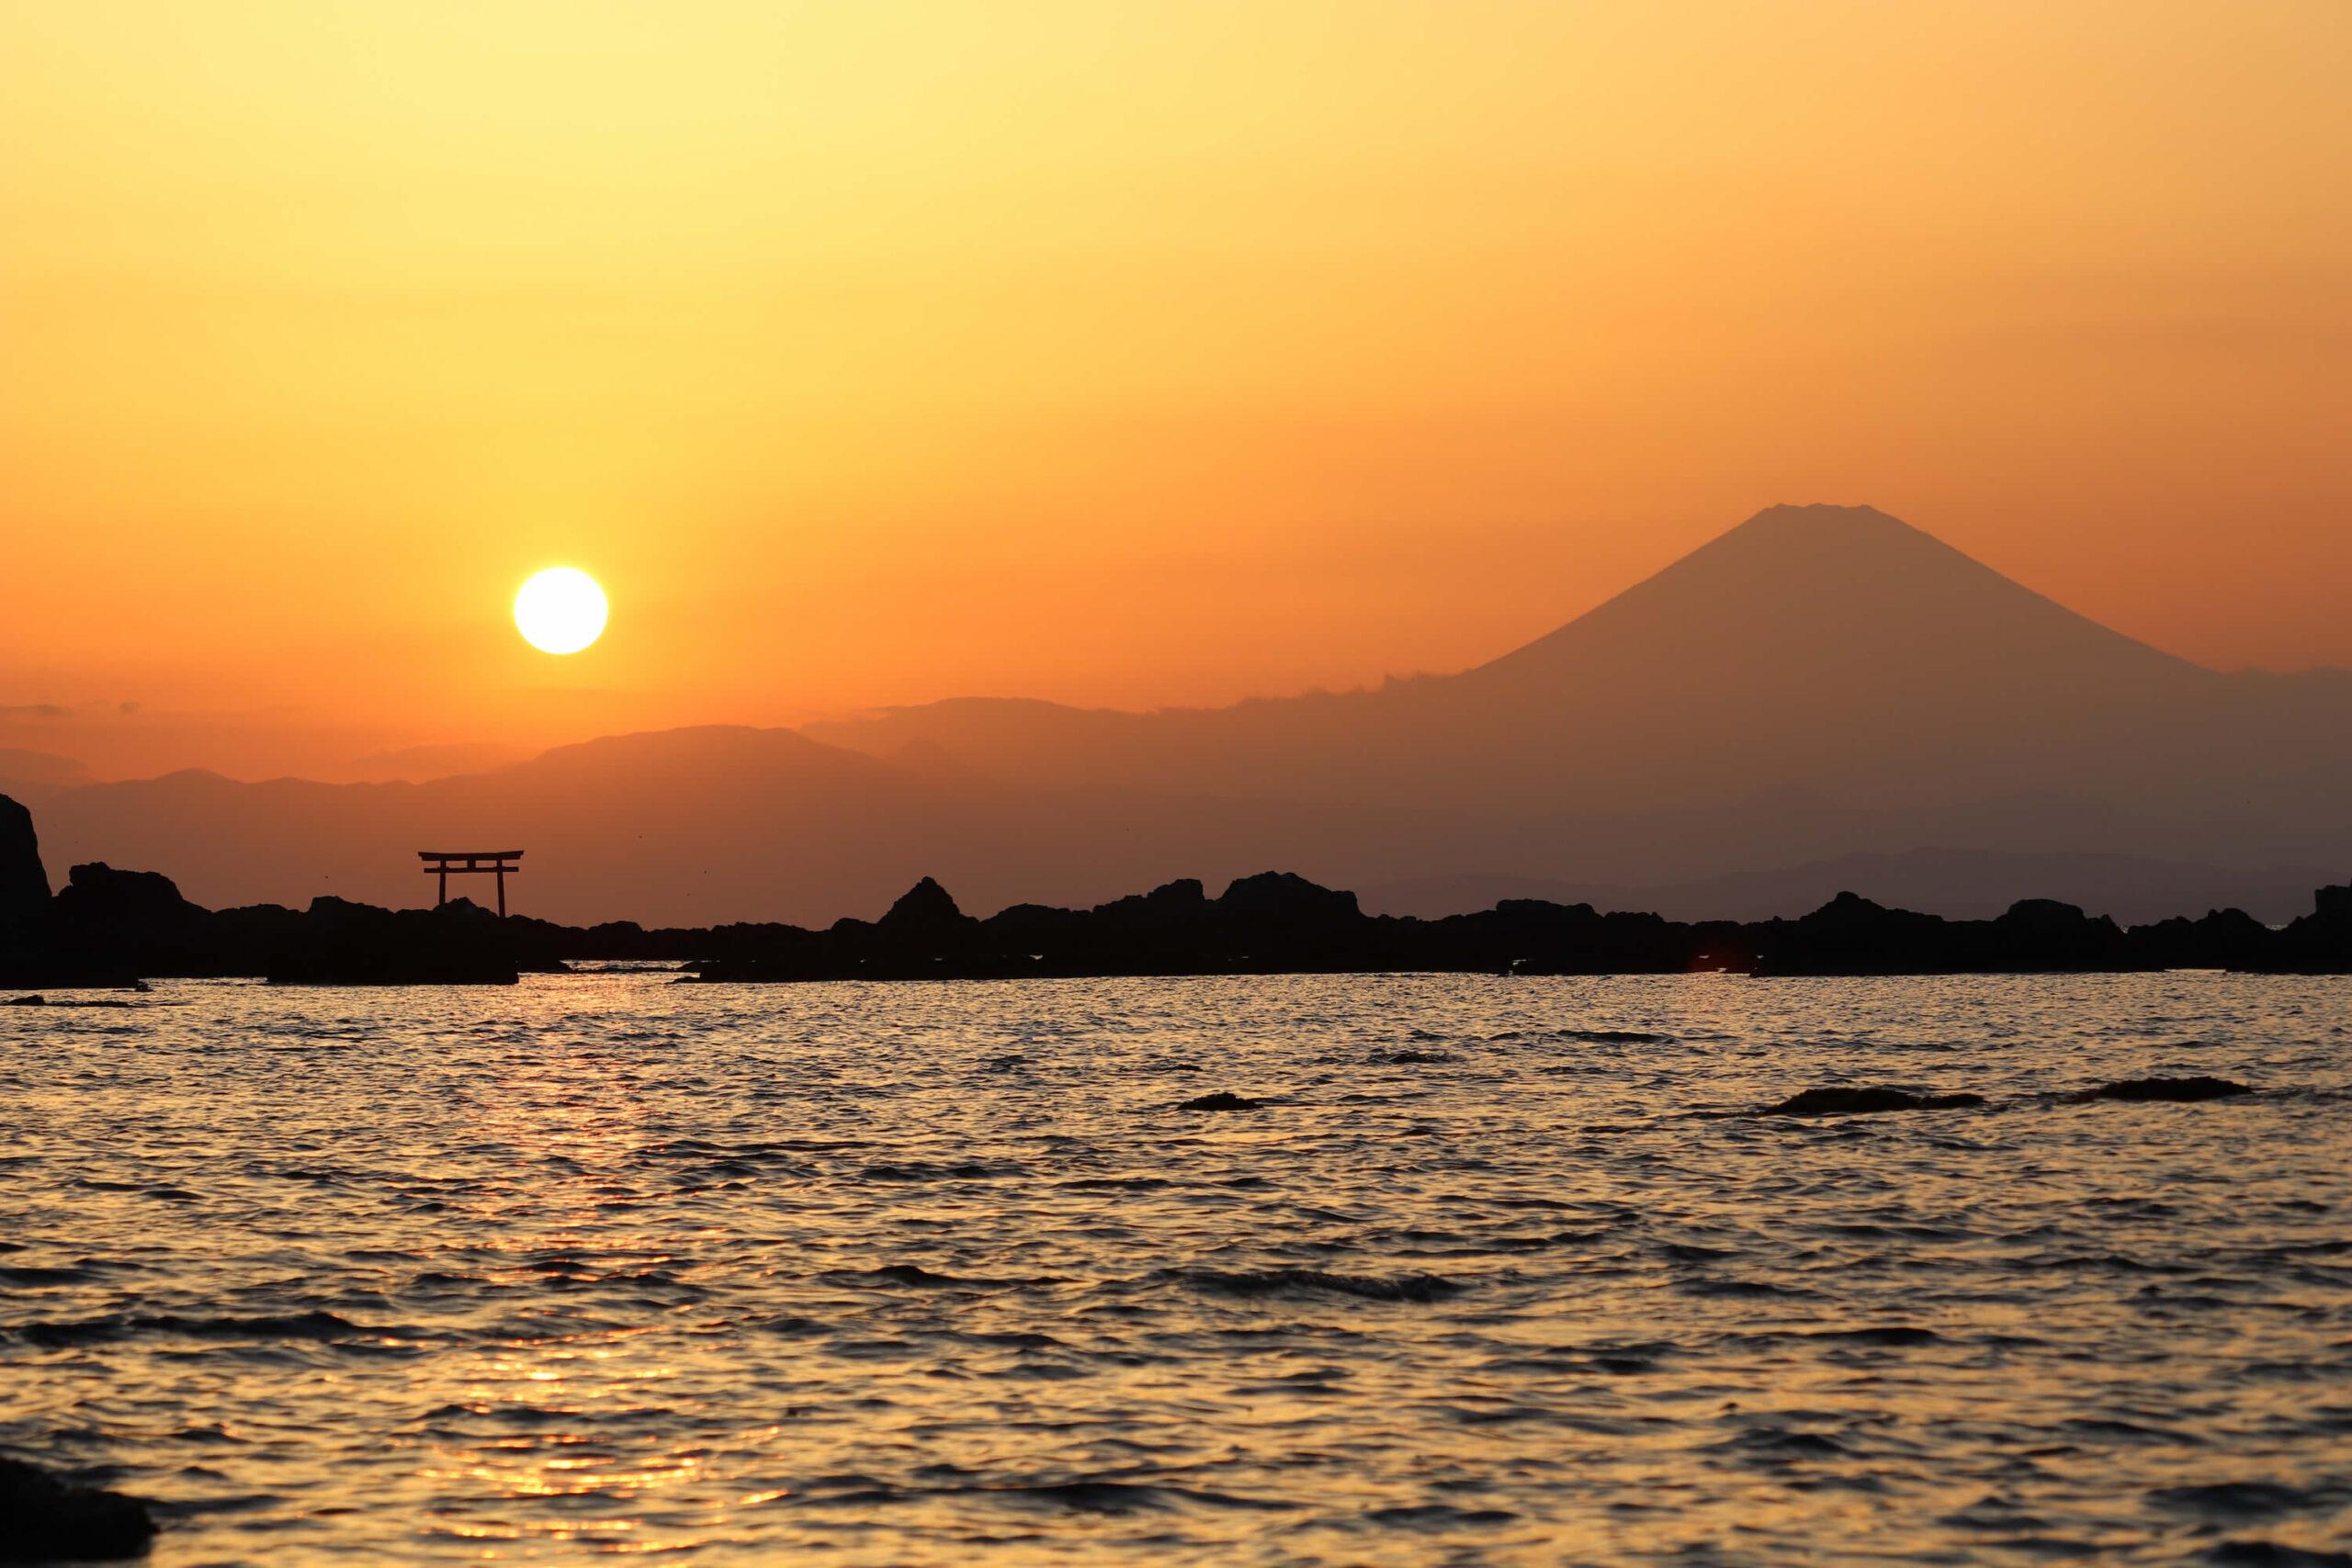 真名瀬海岸から見る名島(菜島)の鳥居と富士山